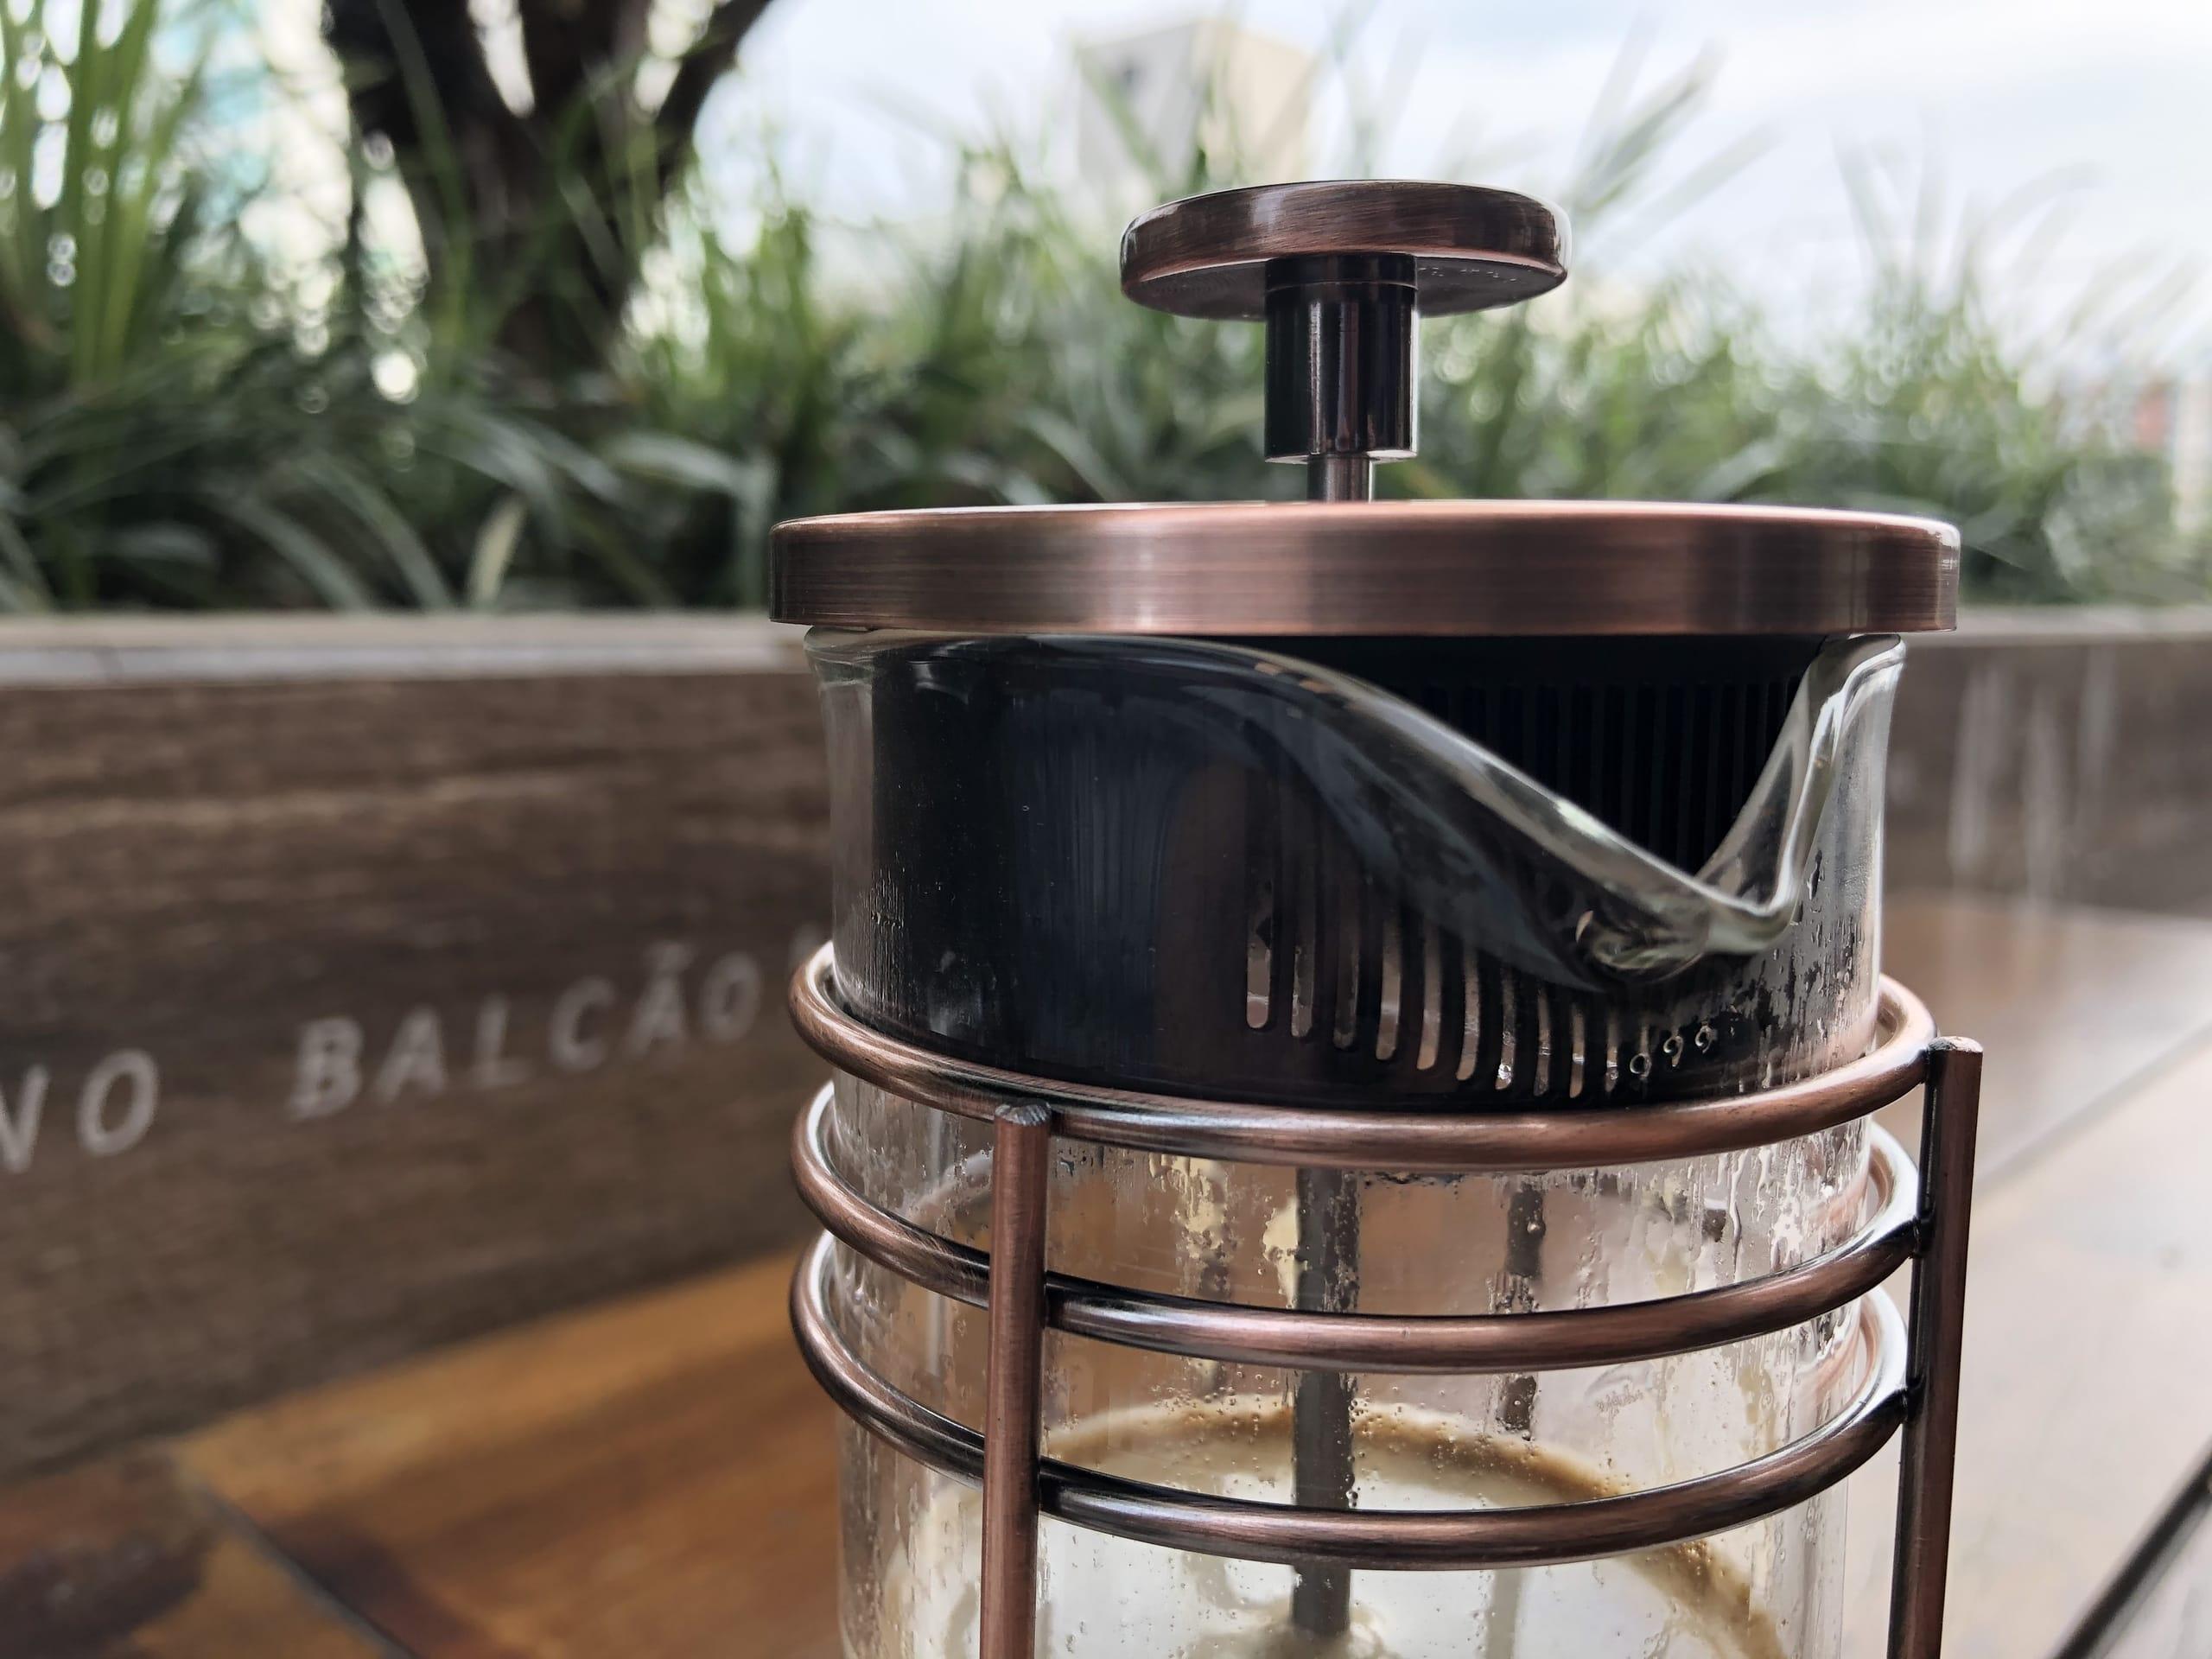 Imagem: Café especial filtrado na prensa francesa. A prensa francesa (também chamada de French Press), como o próprio nome diz, foi criada na França. É é um clássico método de imersão! A prensa francesa é feita em vidro e metal, e o filtro é uma malha metálica. Foto: Arquiteca Projetos Afetivos.